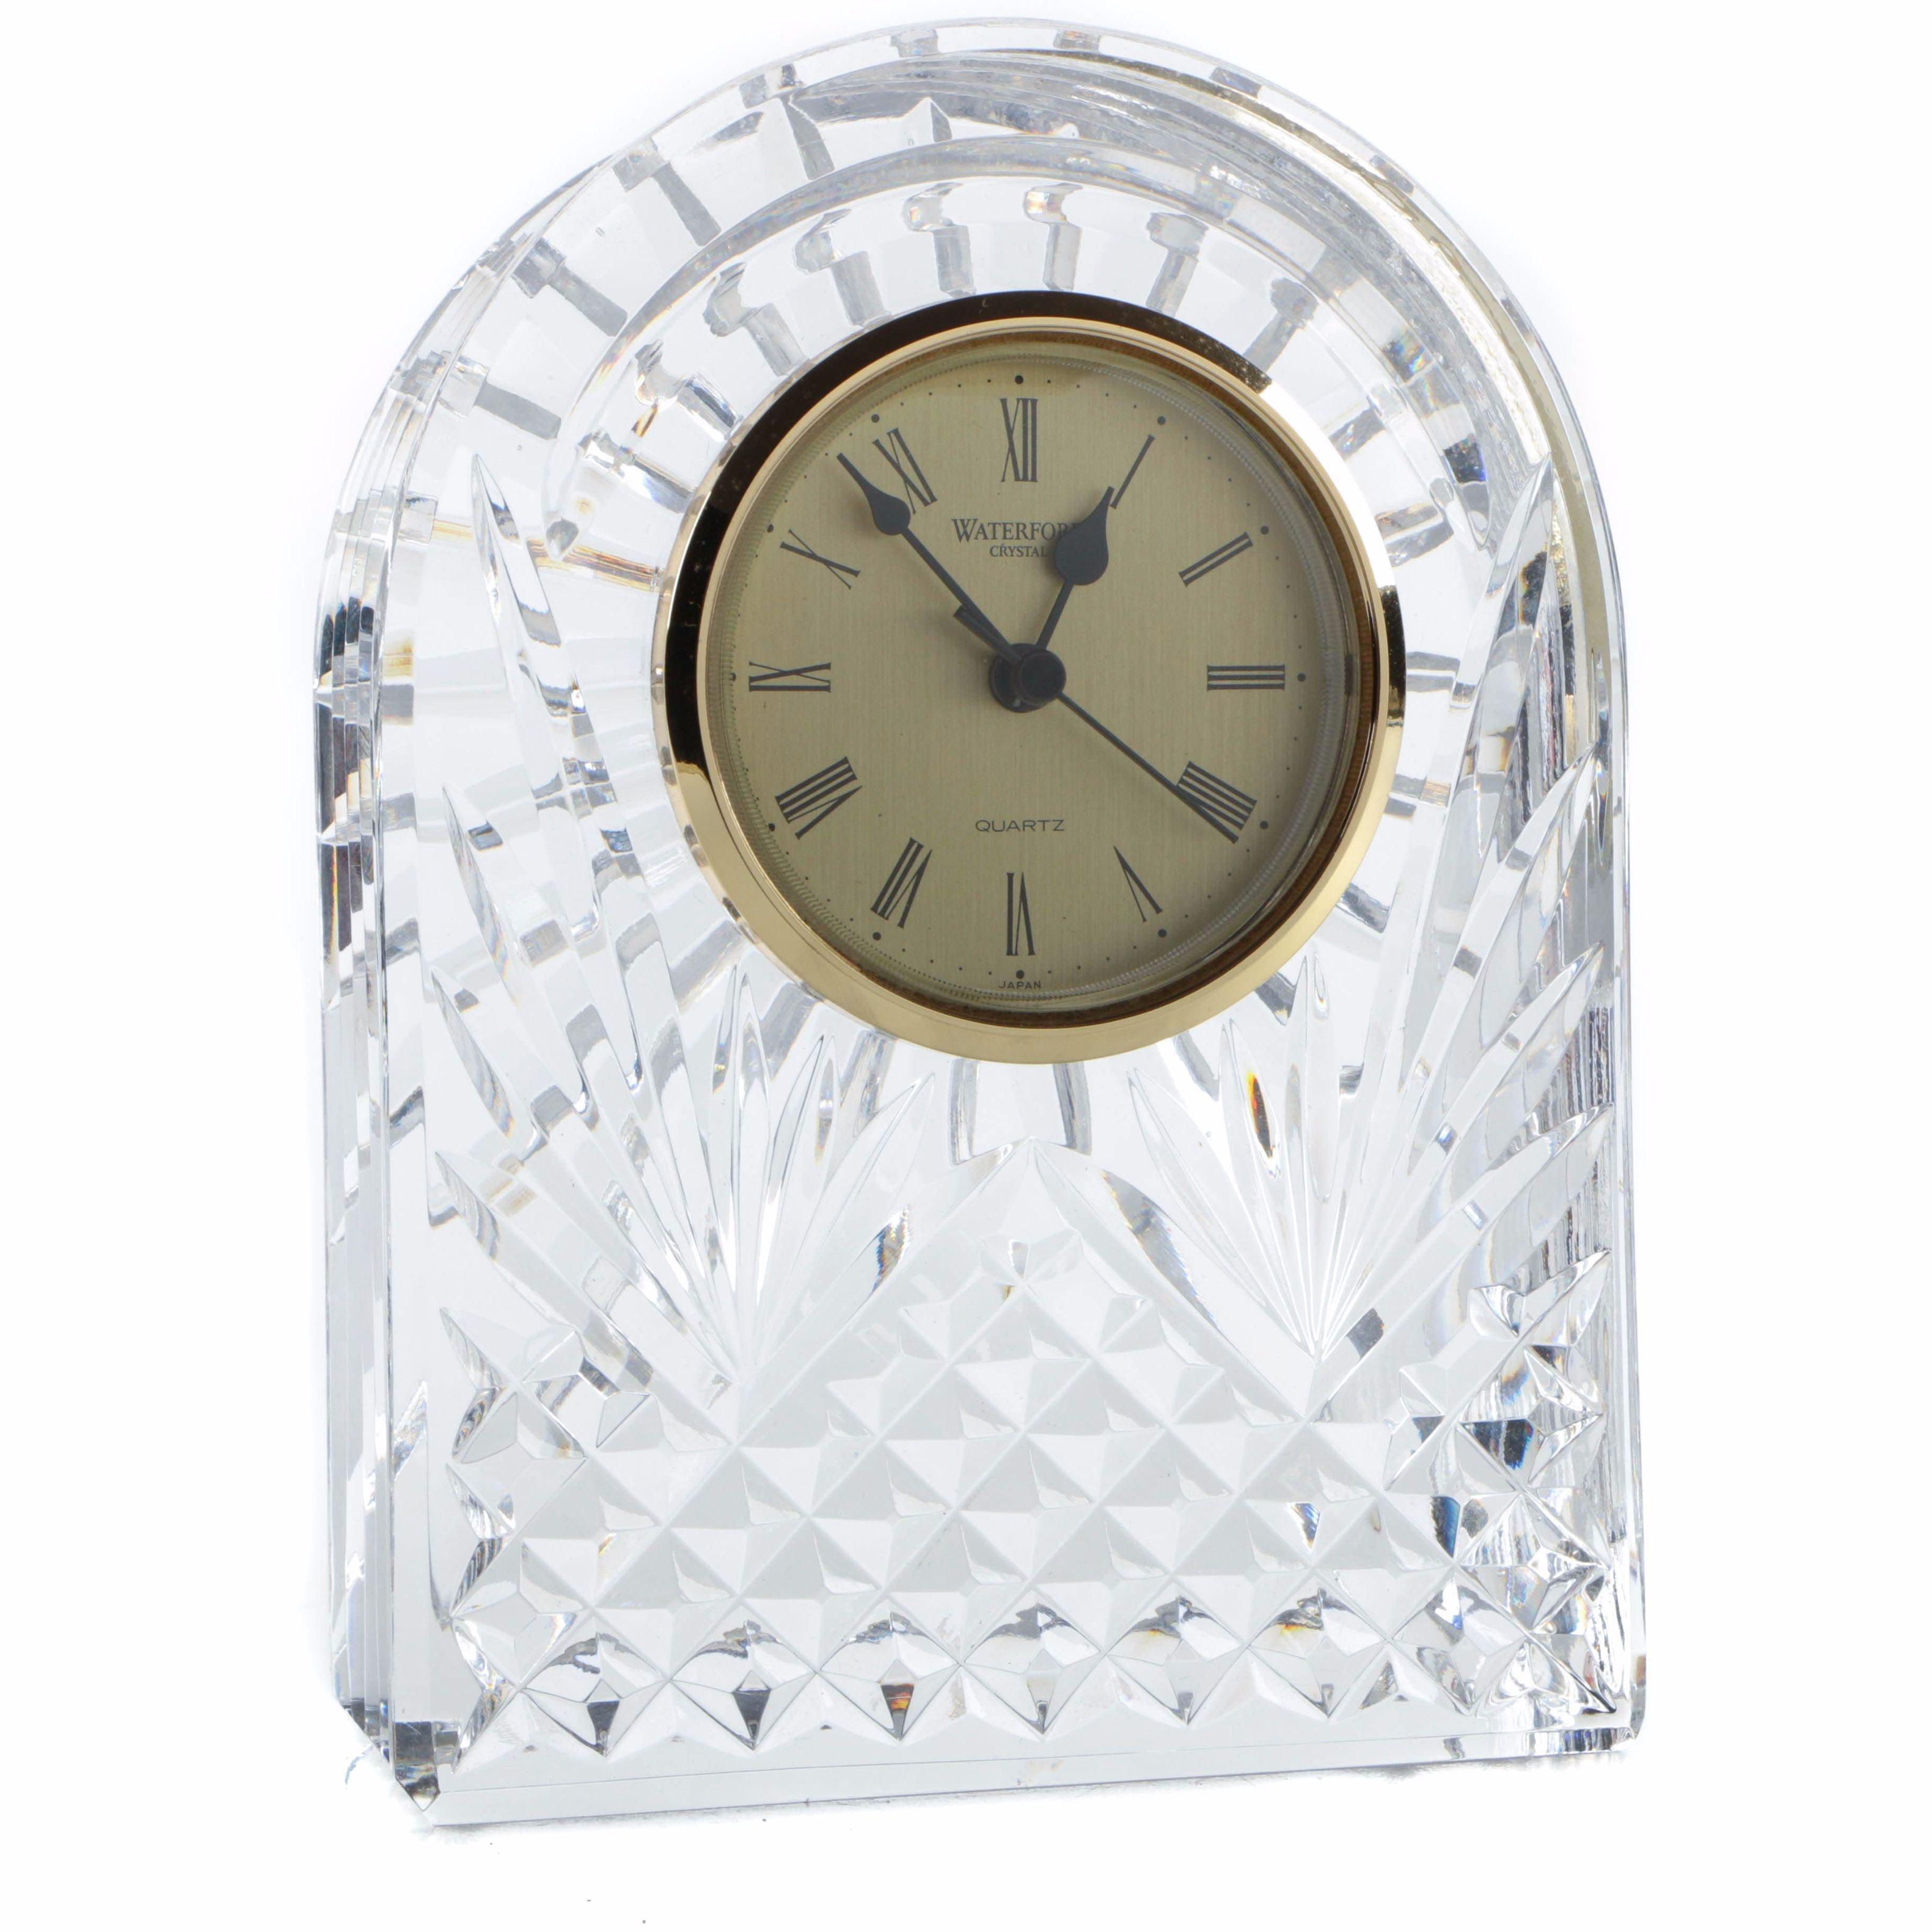 Waterford Analog Crystal Mantle Clock